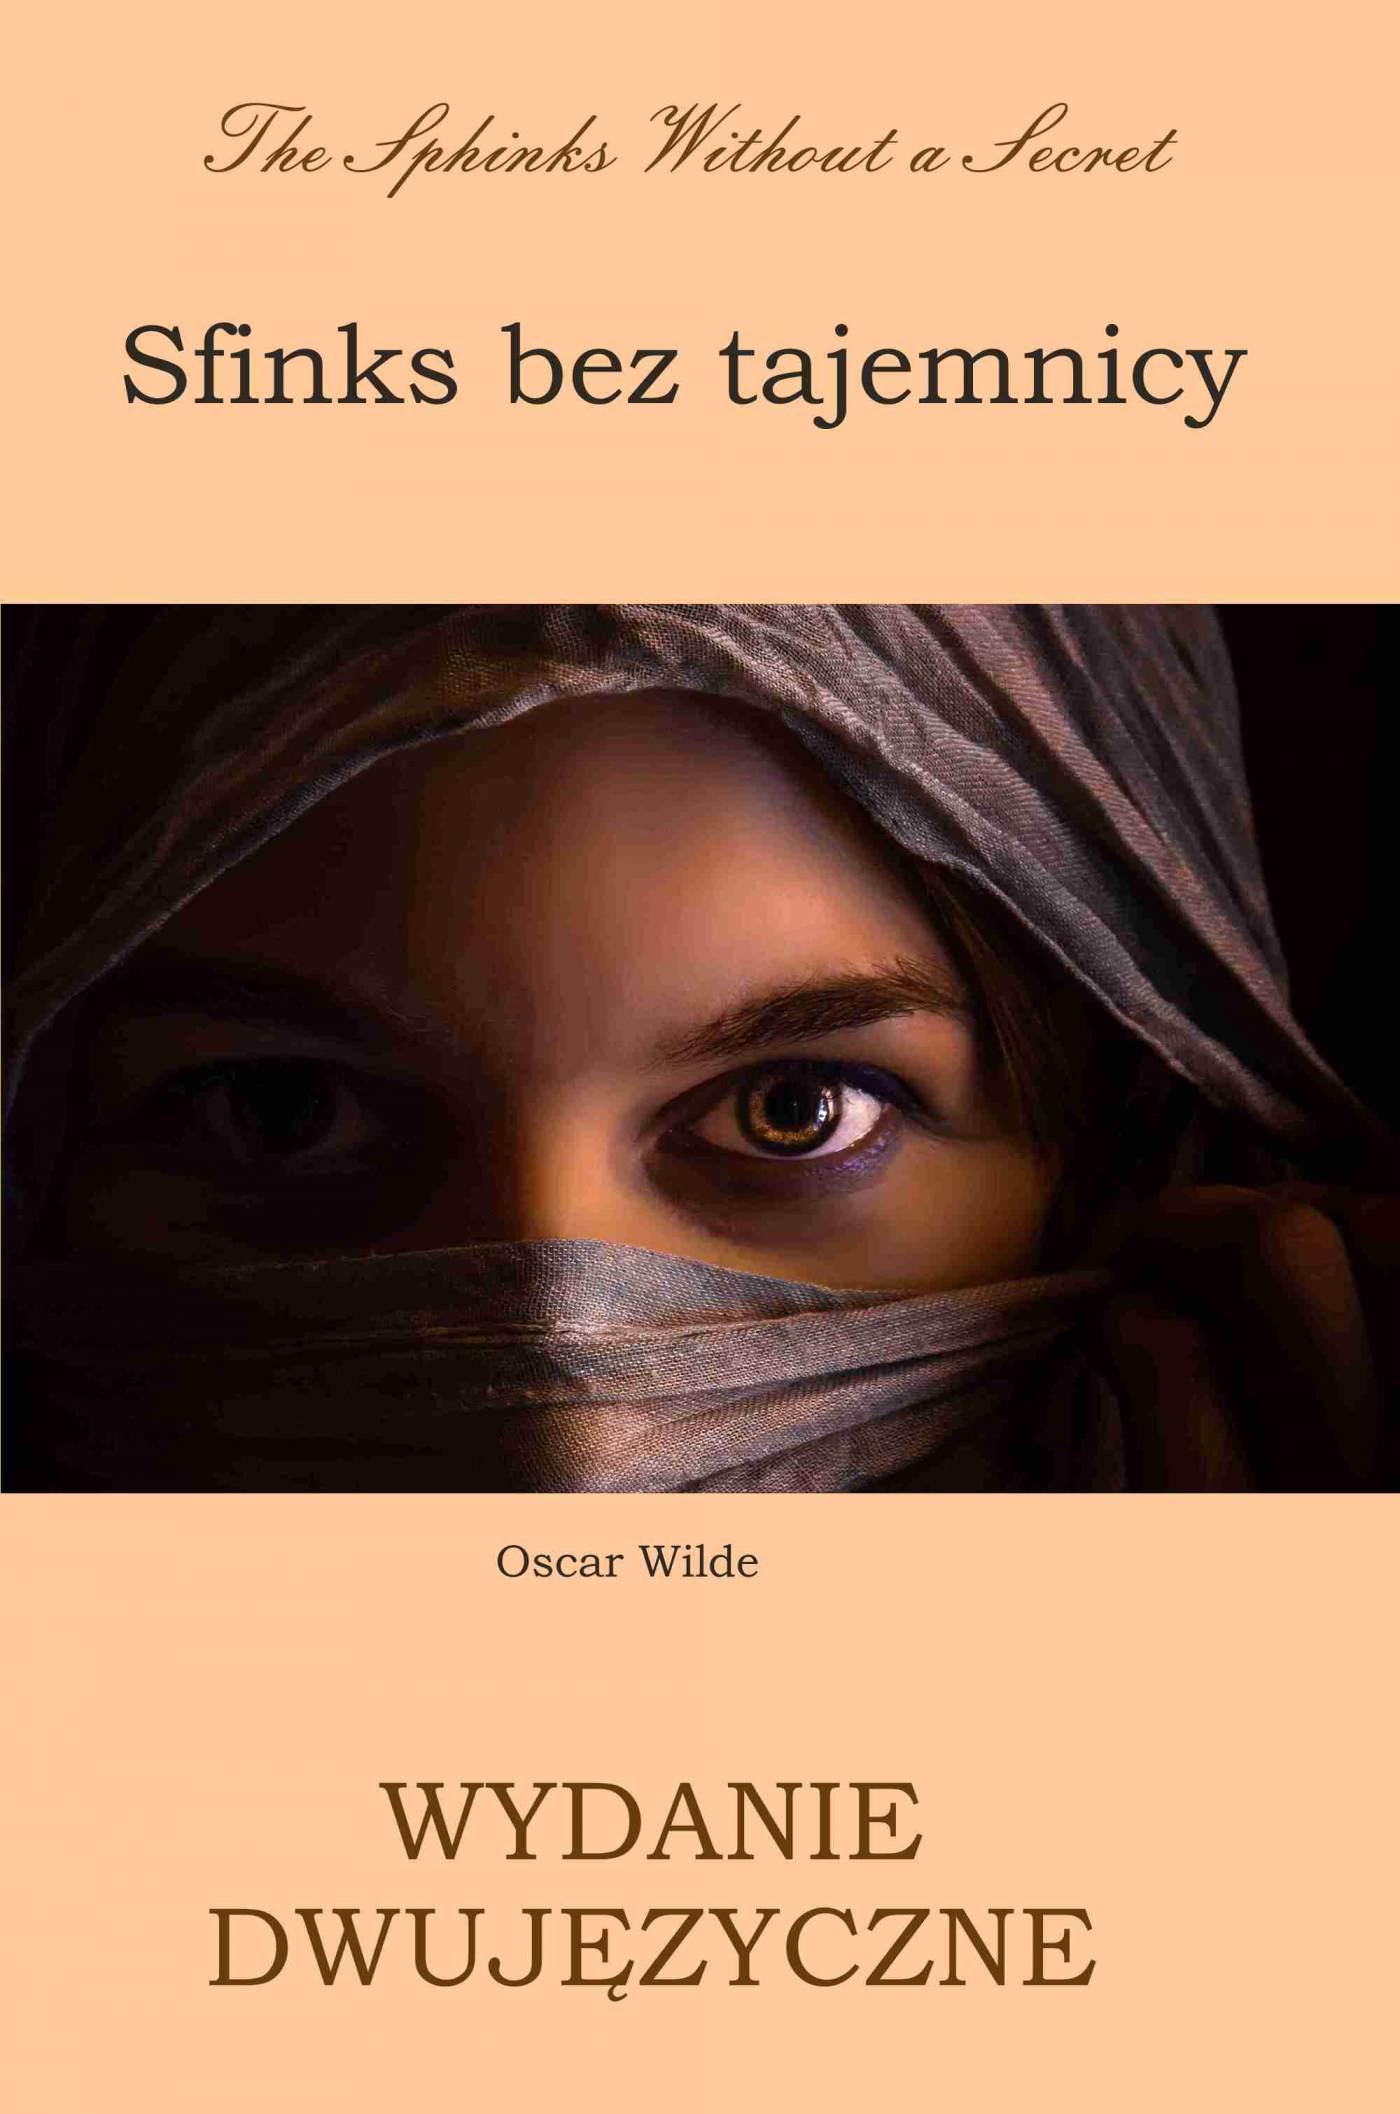 Sfinks bez tajemnicy. Wydanie dwujęzyczne polsko-angielskie - Ebook (Książka PDF) do pobrania w formacie PDF